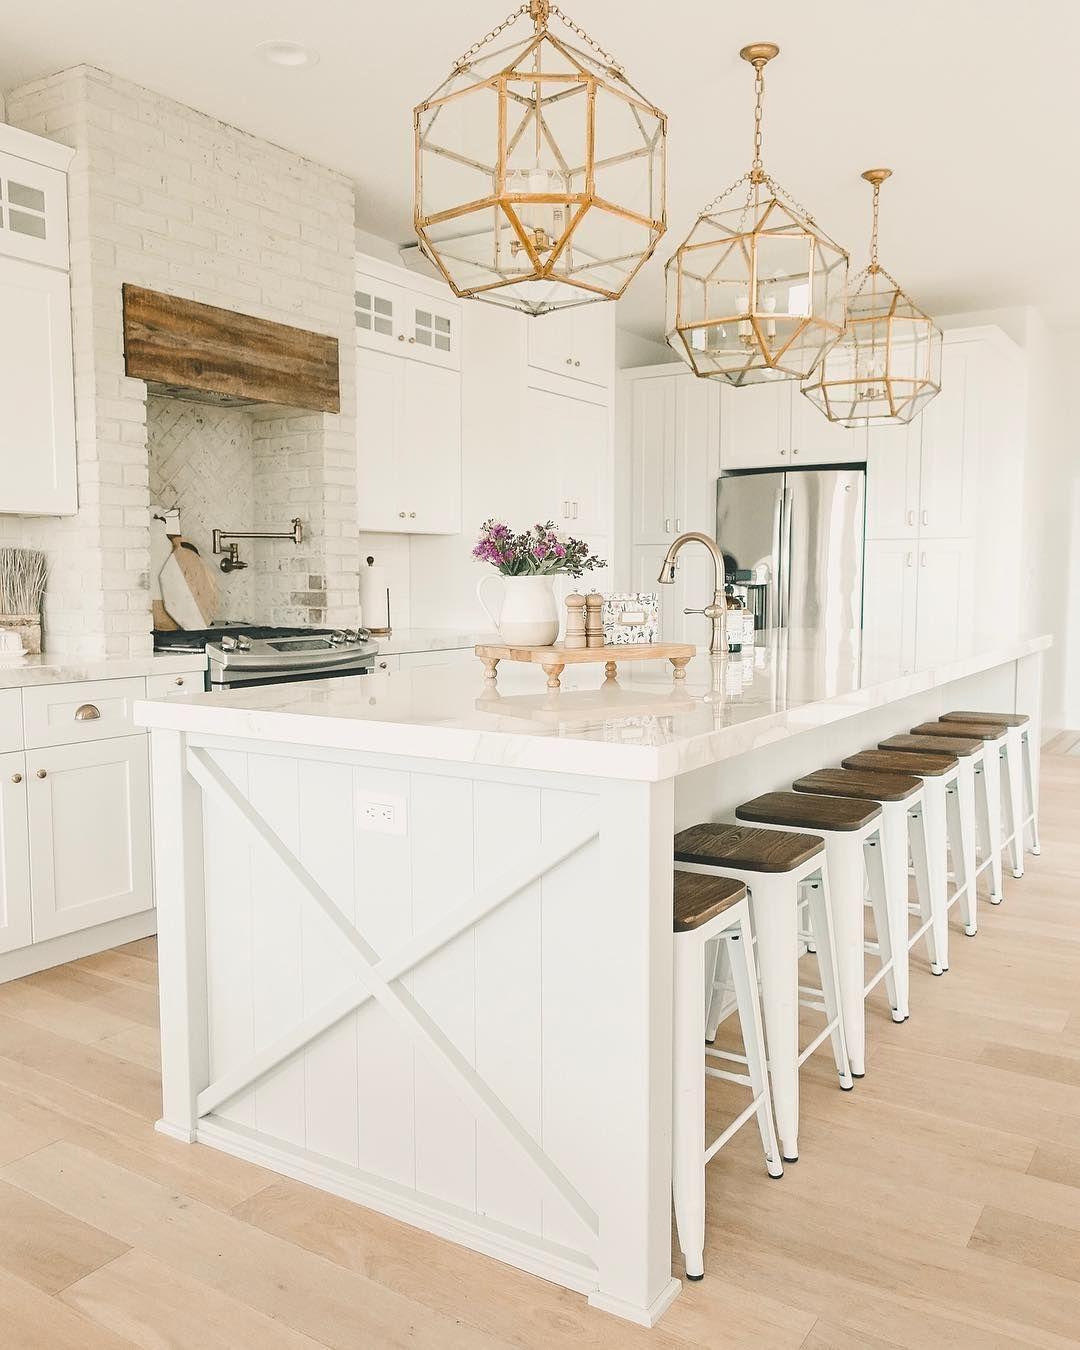 White Brass Farmhouse Kitchen Brick Kitchen Hood Light Wood Floors Brass Light Fixtures Kitche Trendy Farmhouse Kitchen Kitchen Interior Home Decor Kitchen